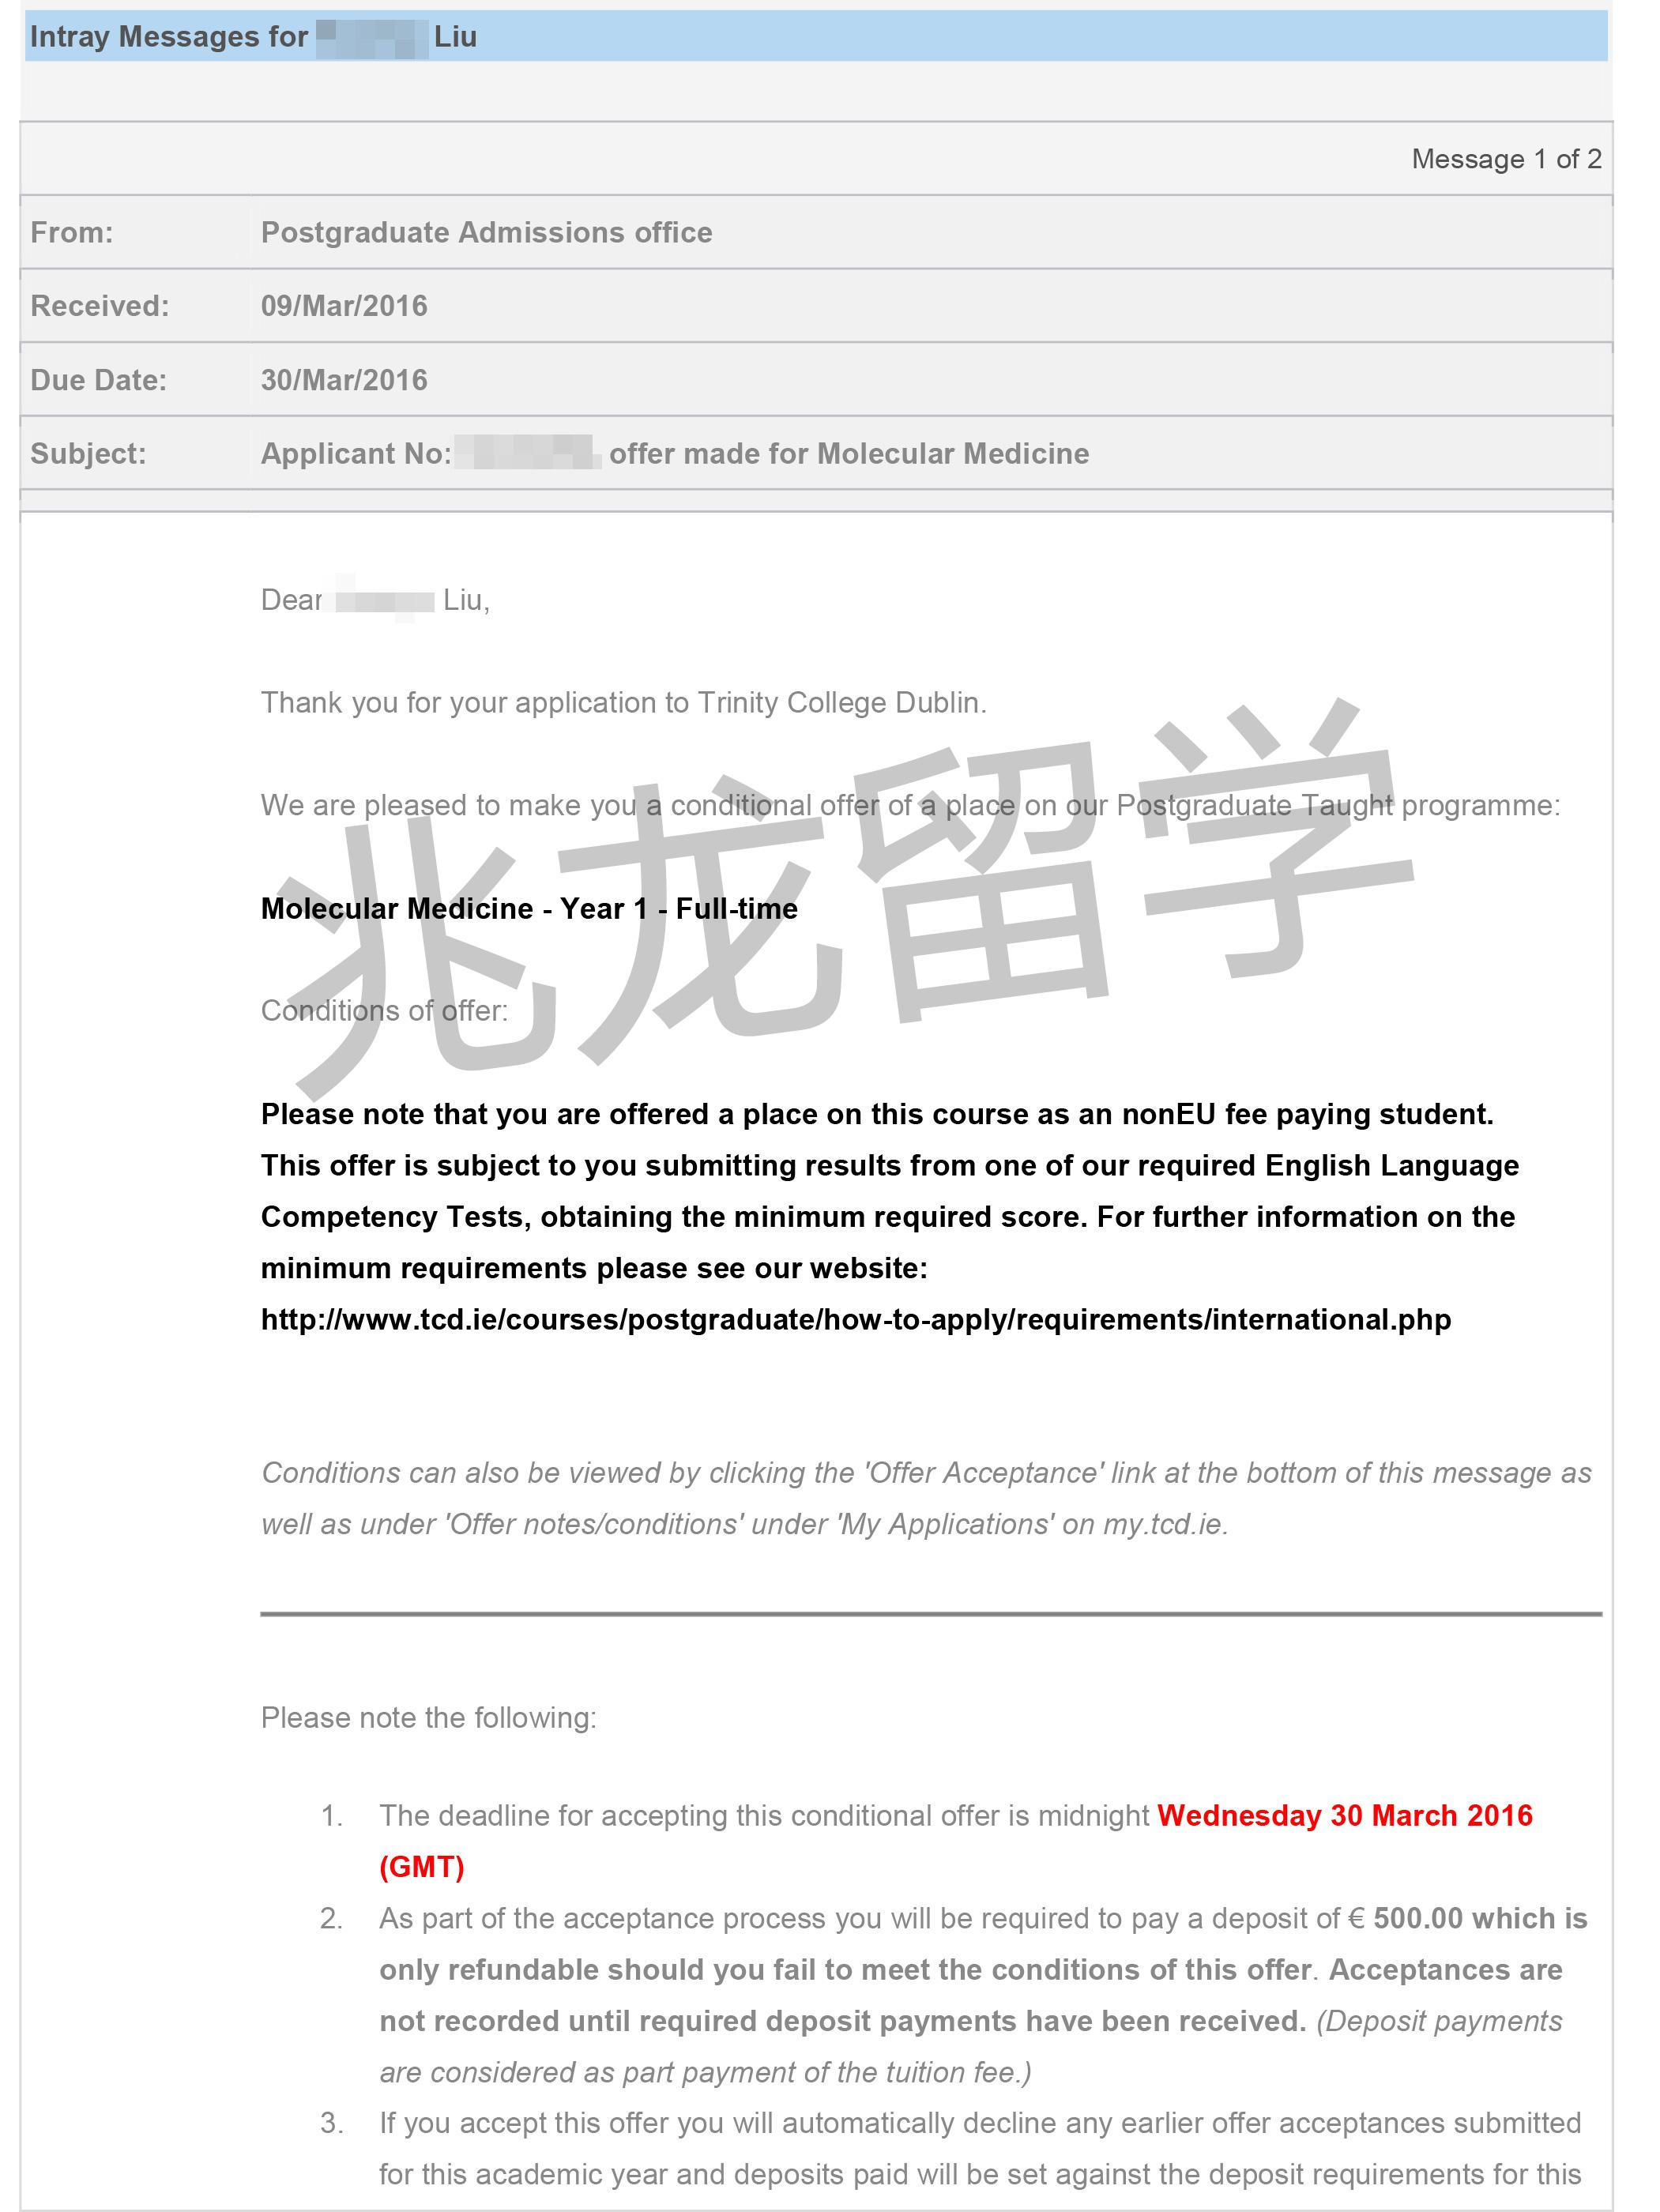 恭喜刘同学获得谢菲尔德大学、圣三一学院双名校offer